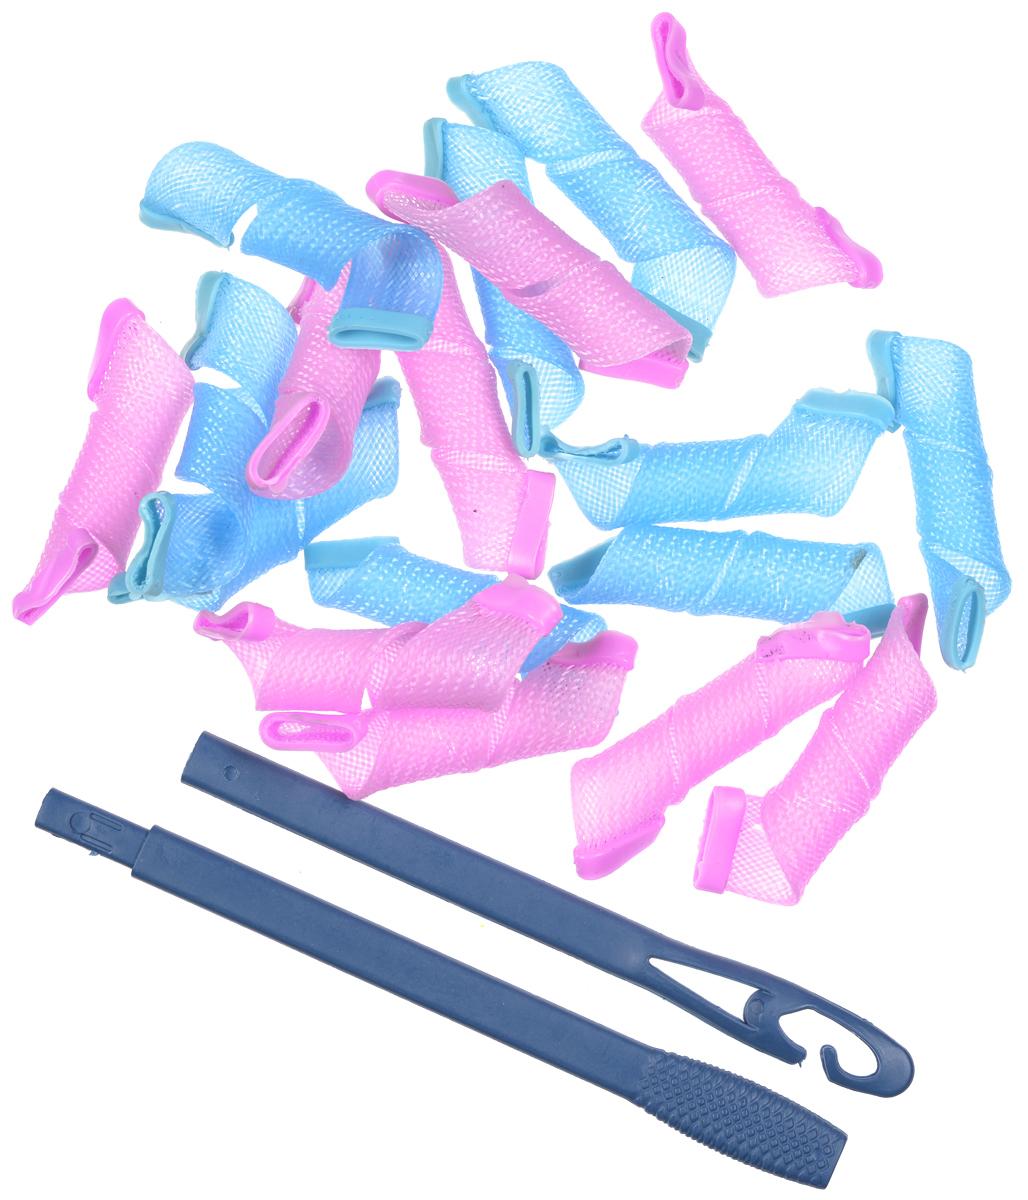 Magic Leverag Бигуди маленькие, цвет: в ассортименте, 18 х 15 см magic leverag бигуди широкие 6 х 29 см 6 х 44 см